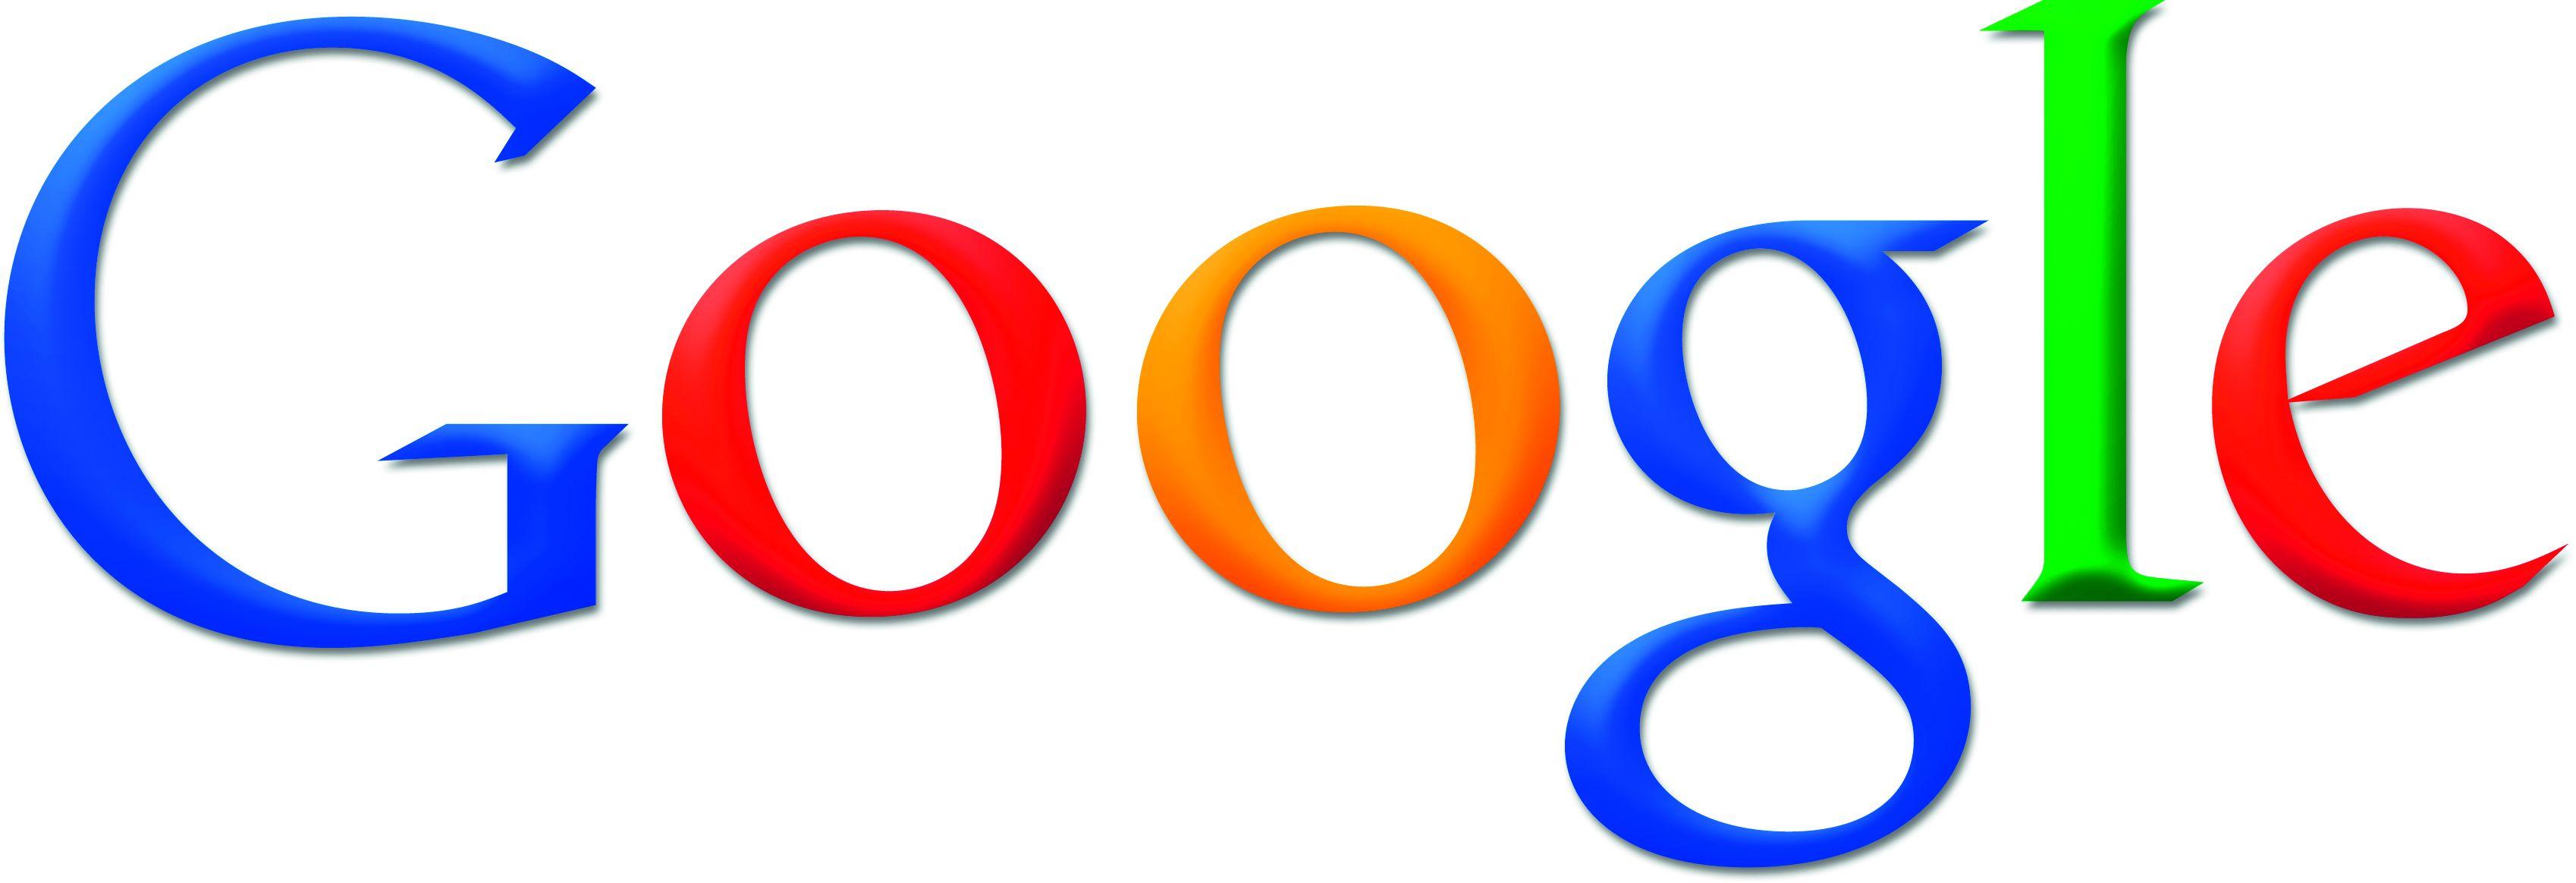 Google_logo_lg_rgb_web_HiRES_ICv2